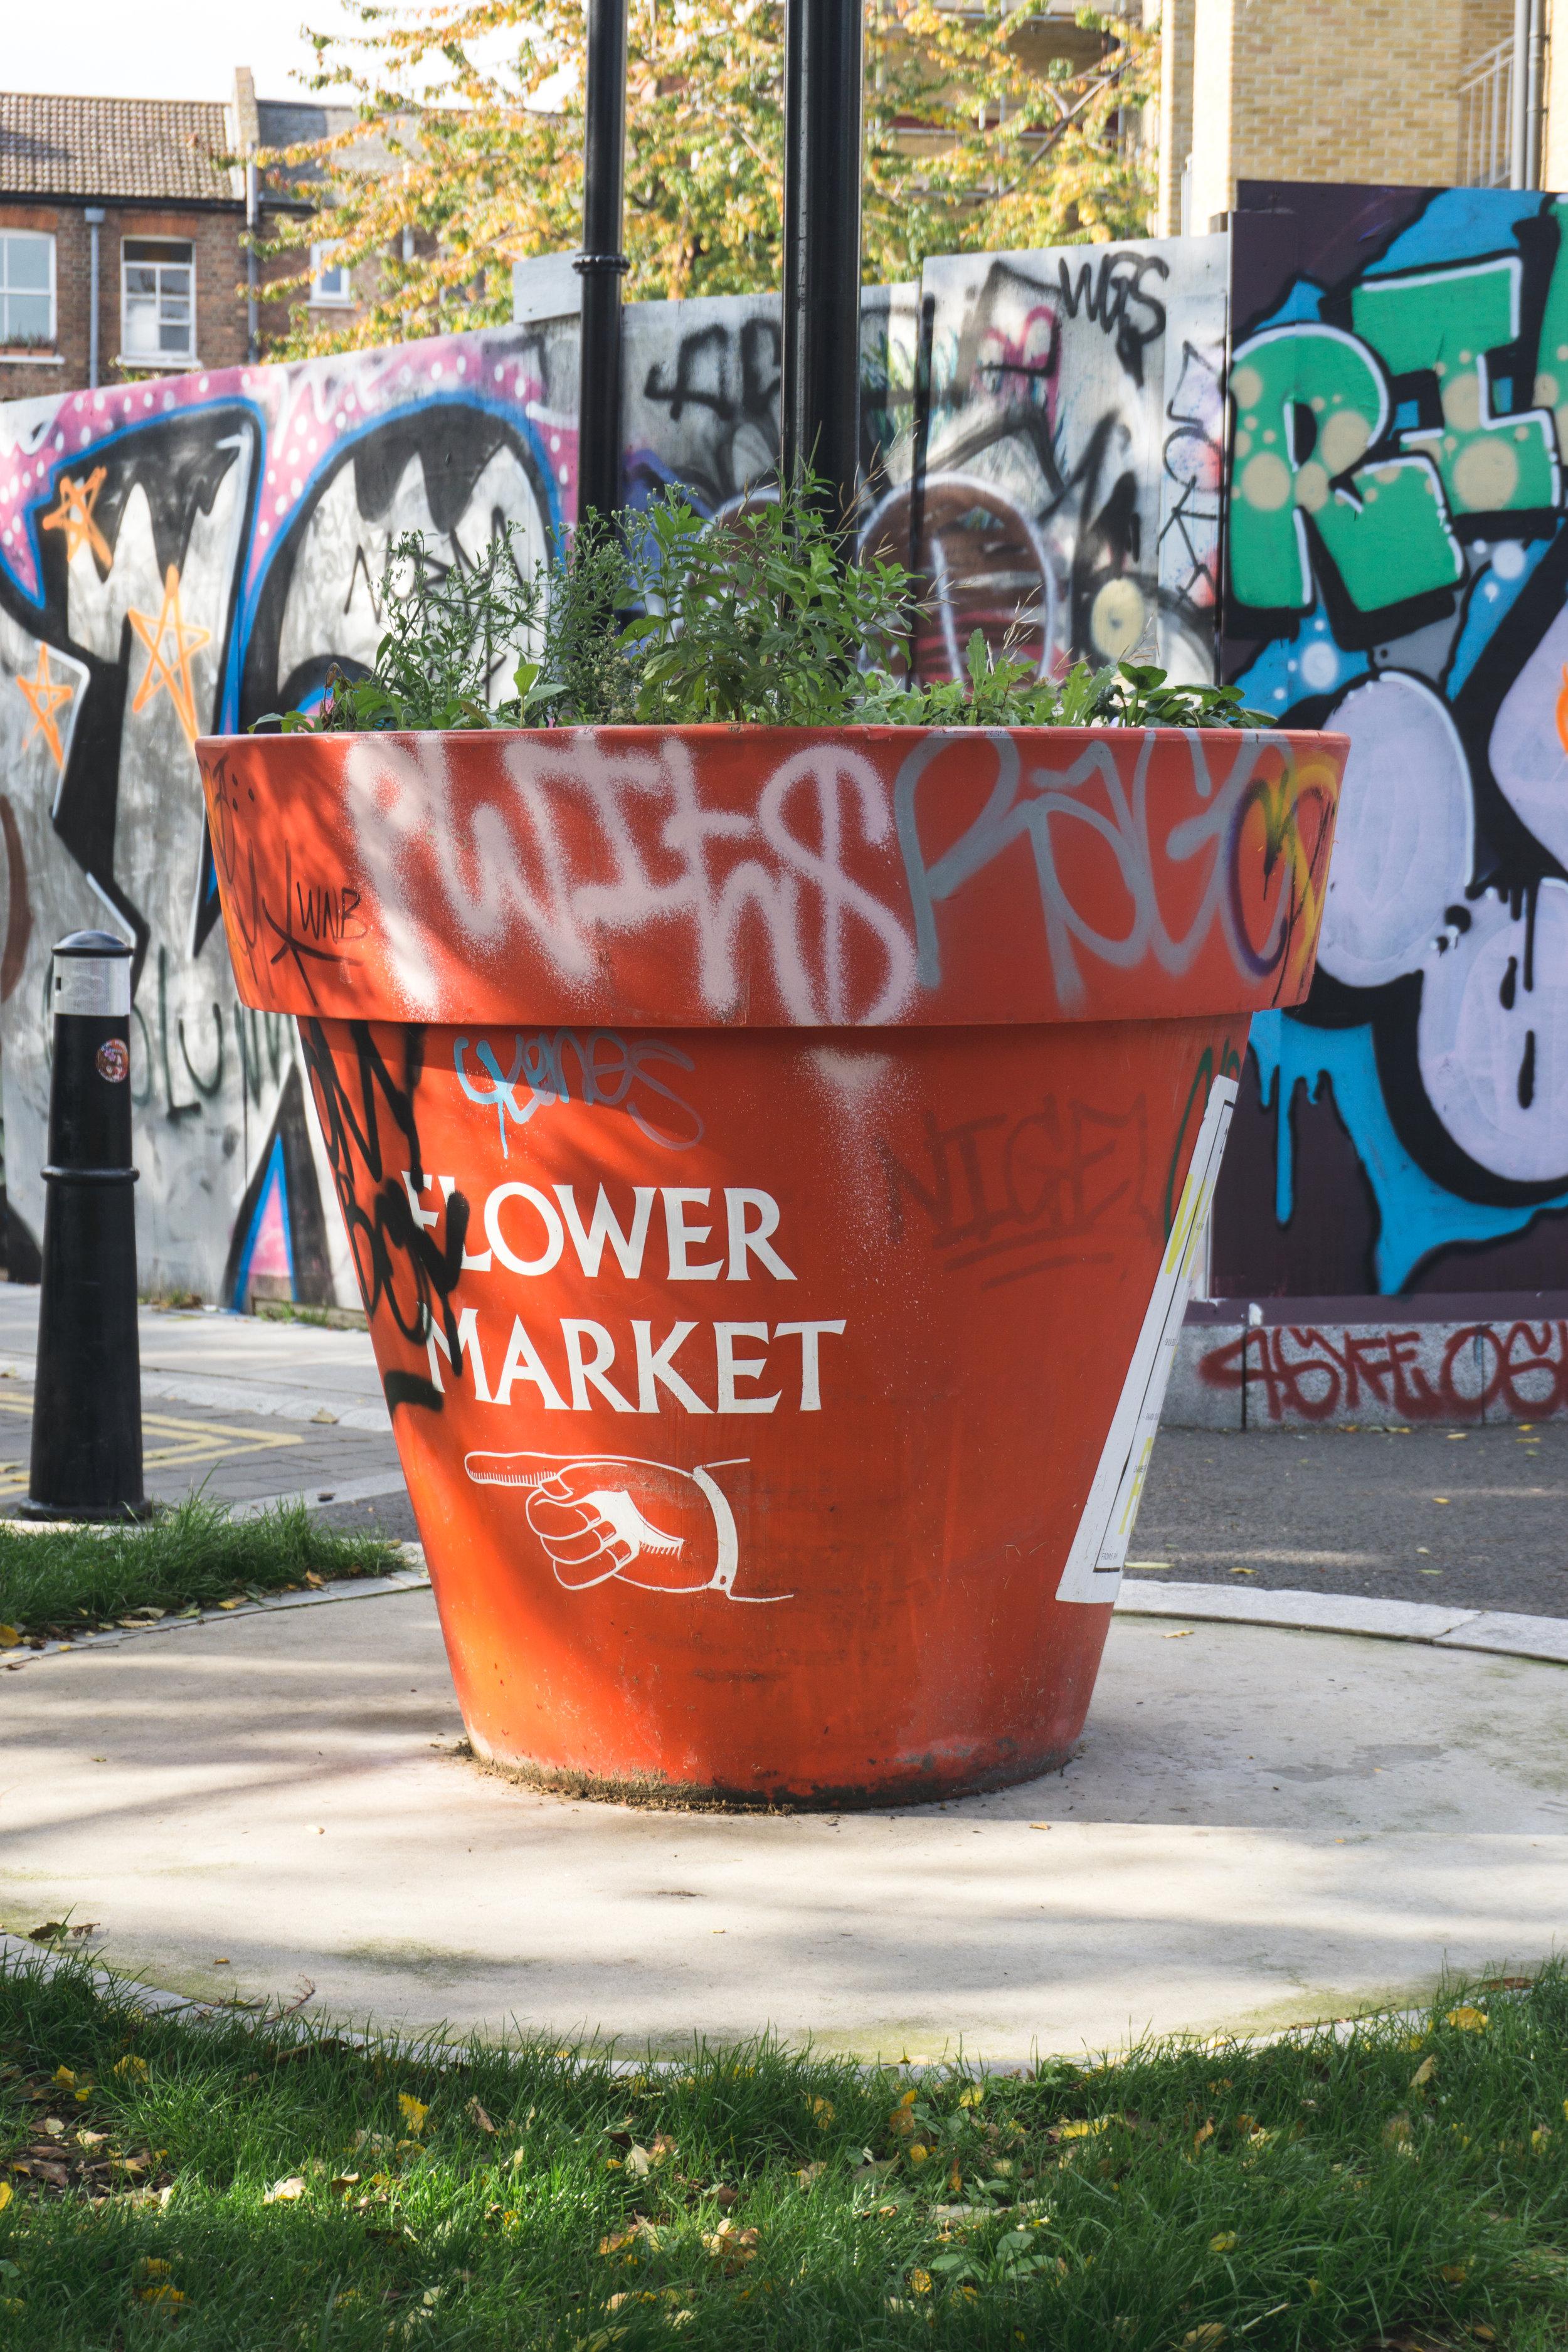 Flower Market_London_Tripp Films.jpg